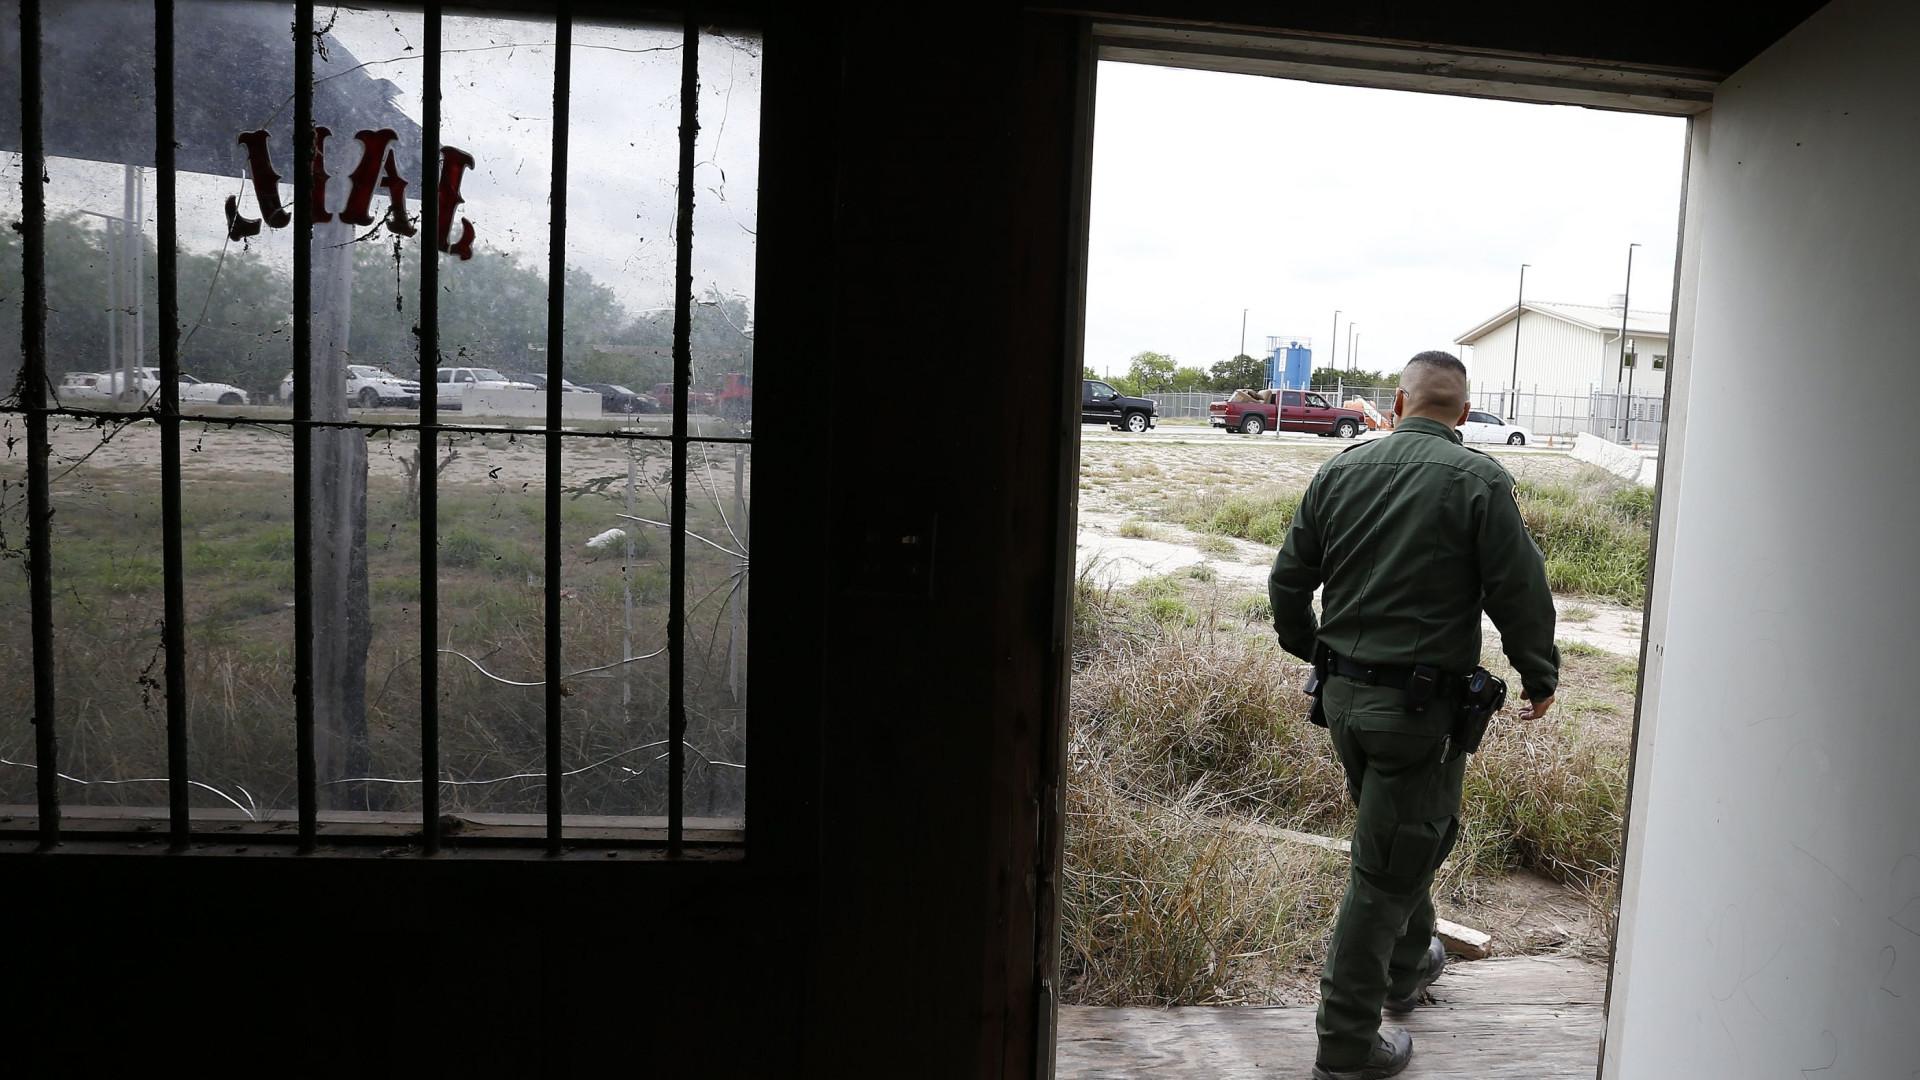 Centenas de crianças separadas dos pais em celas do Texas